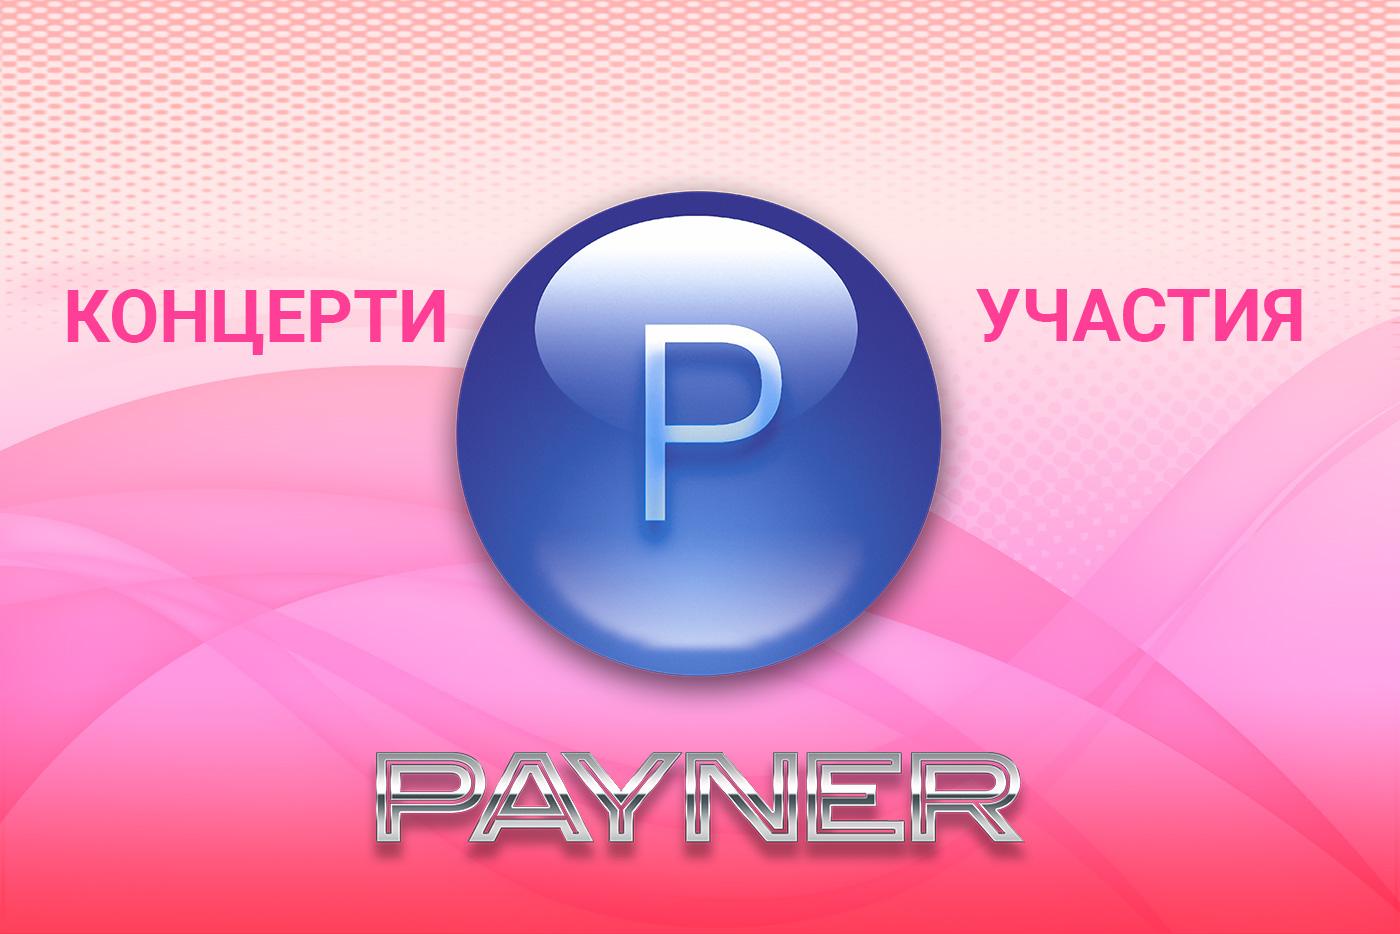 """Участия на звездите на """"Пайнер"""" на 21.05.2019"""